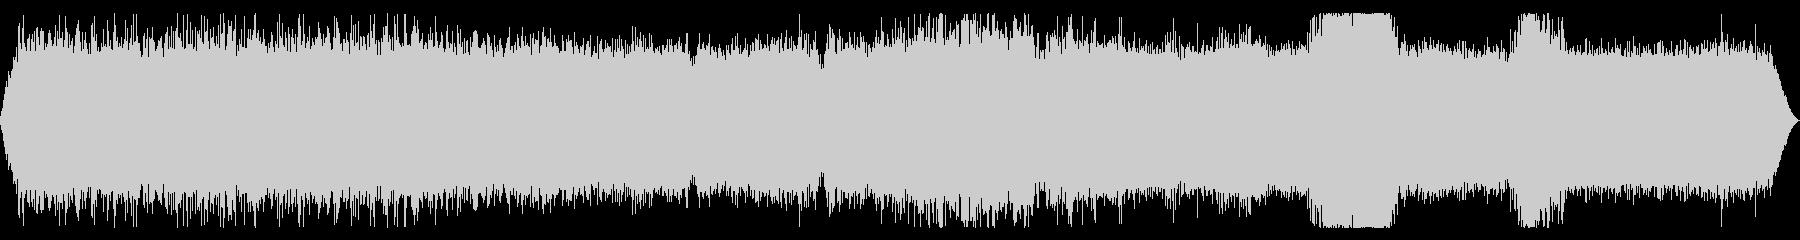 【自然音】滝01#2(山梨)の未再生の波形